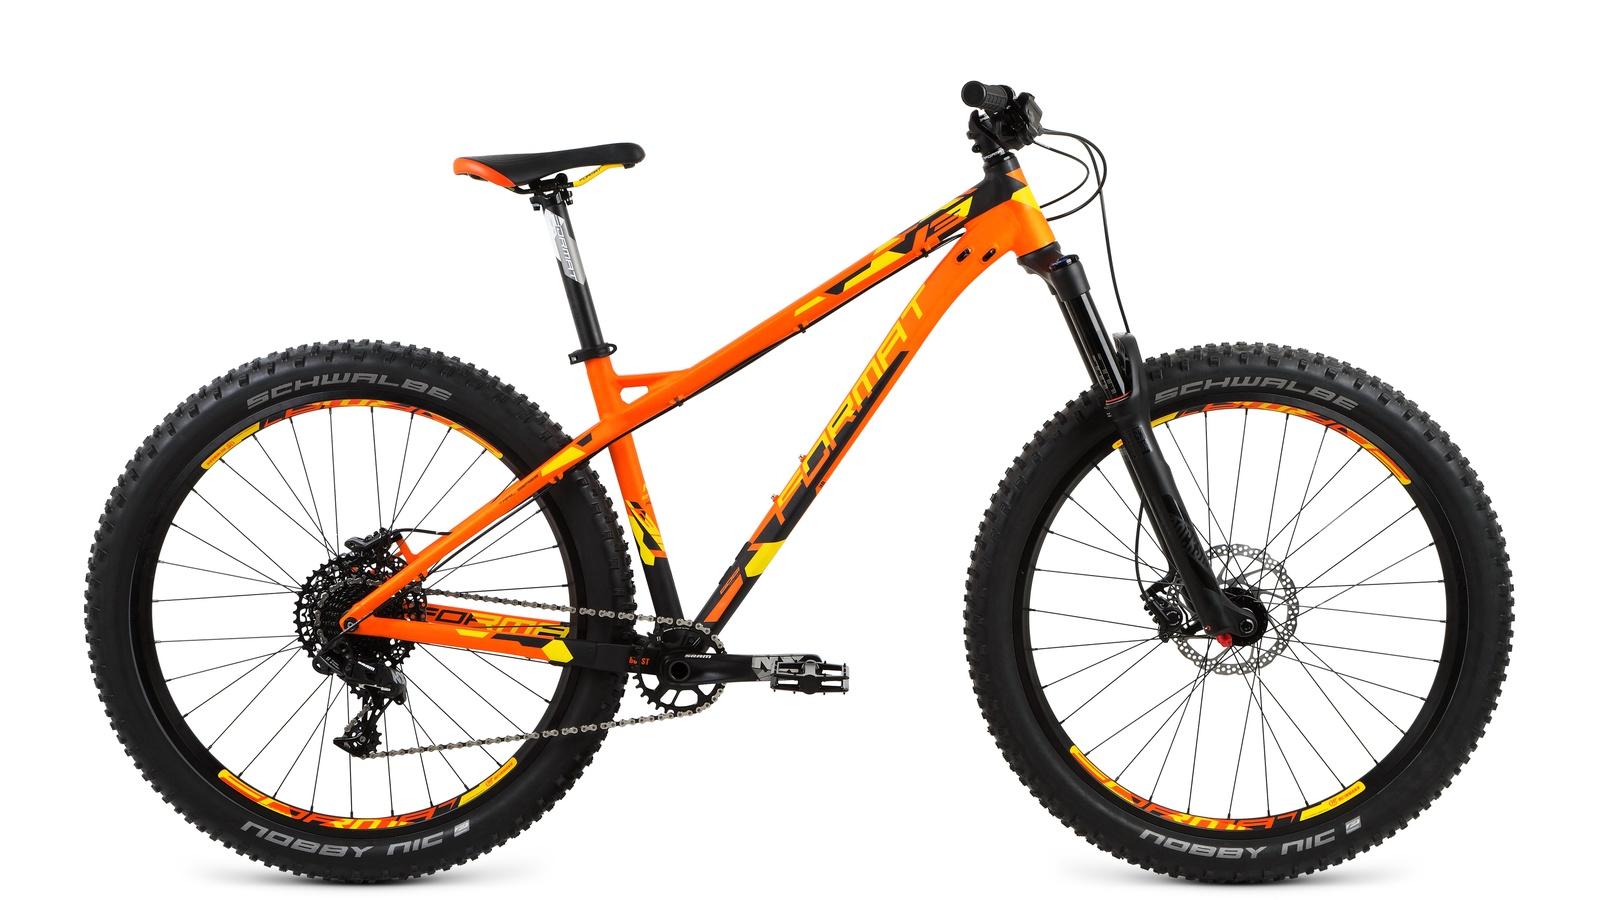 цена на Велосипед Format RBKM7Z67E002, оранжевый, черный